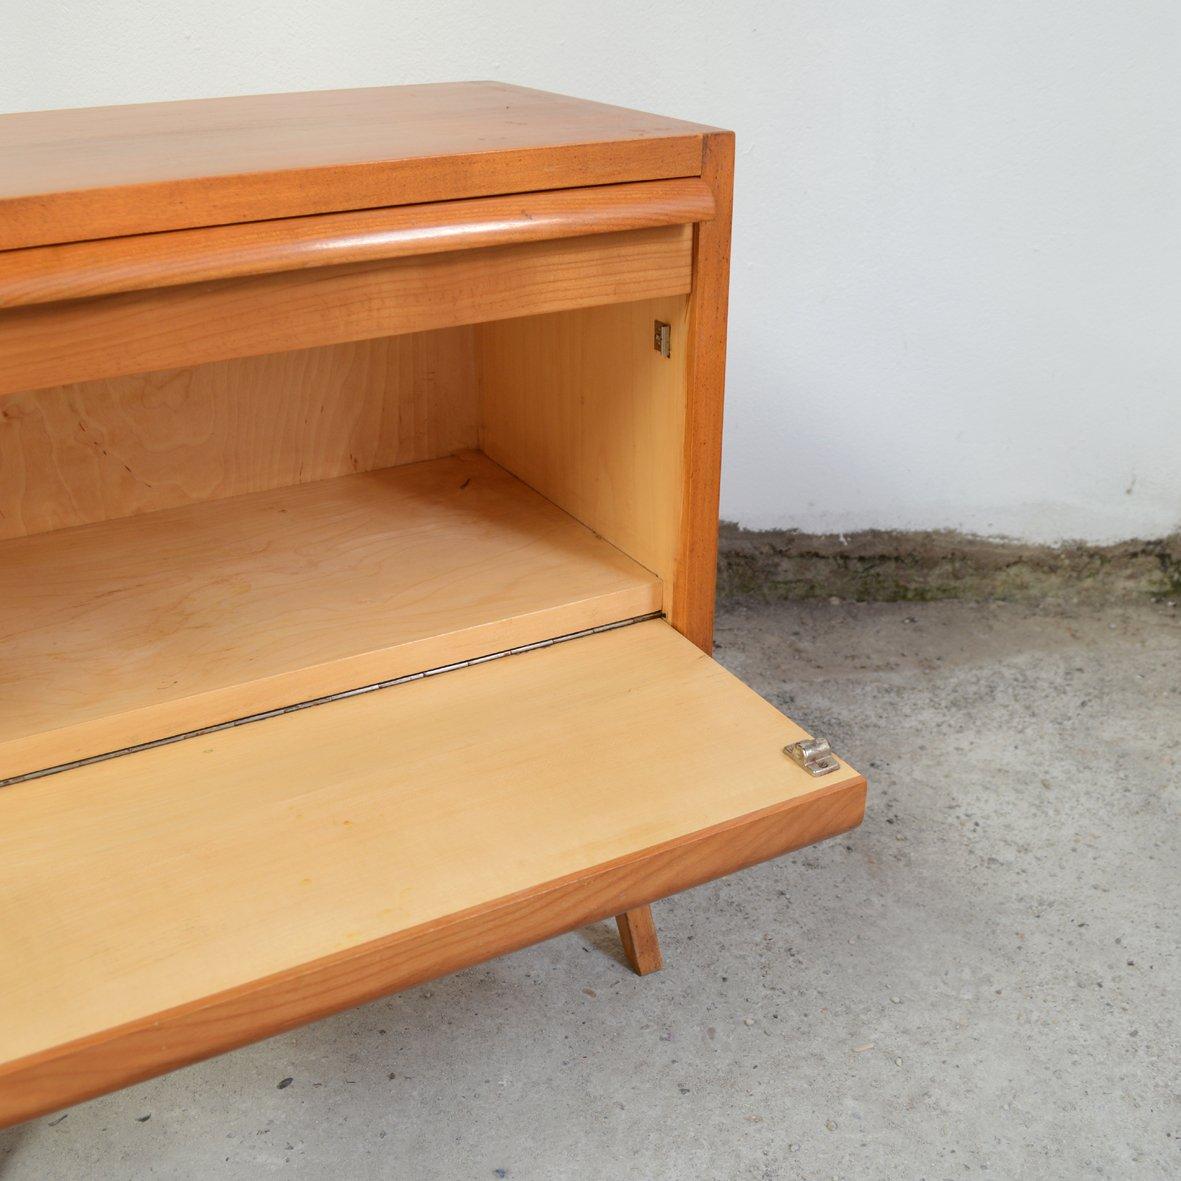 petit meuble en bois avec pieds compas 1960s en vente sur. Black Bedroom Furniture Sets. Home Design Ideas